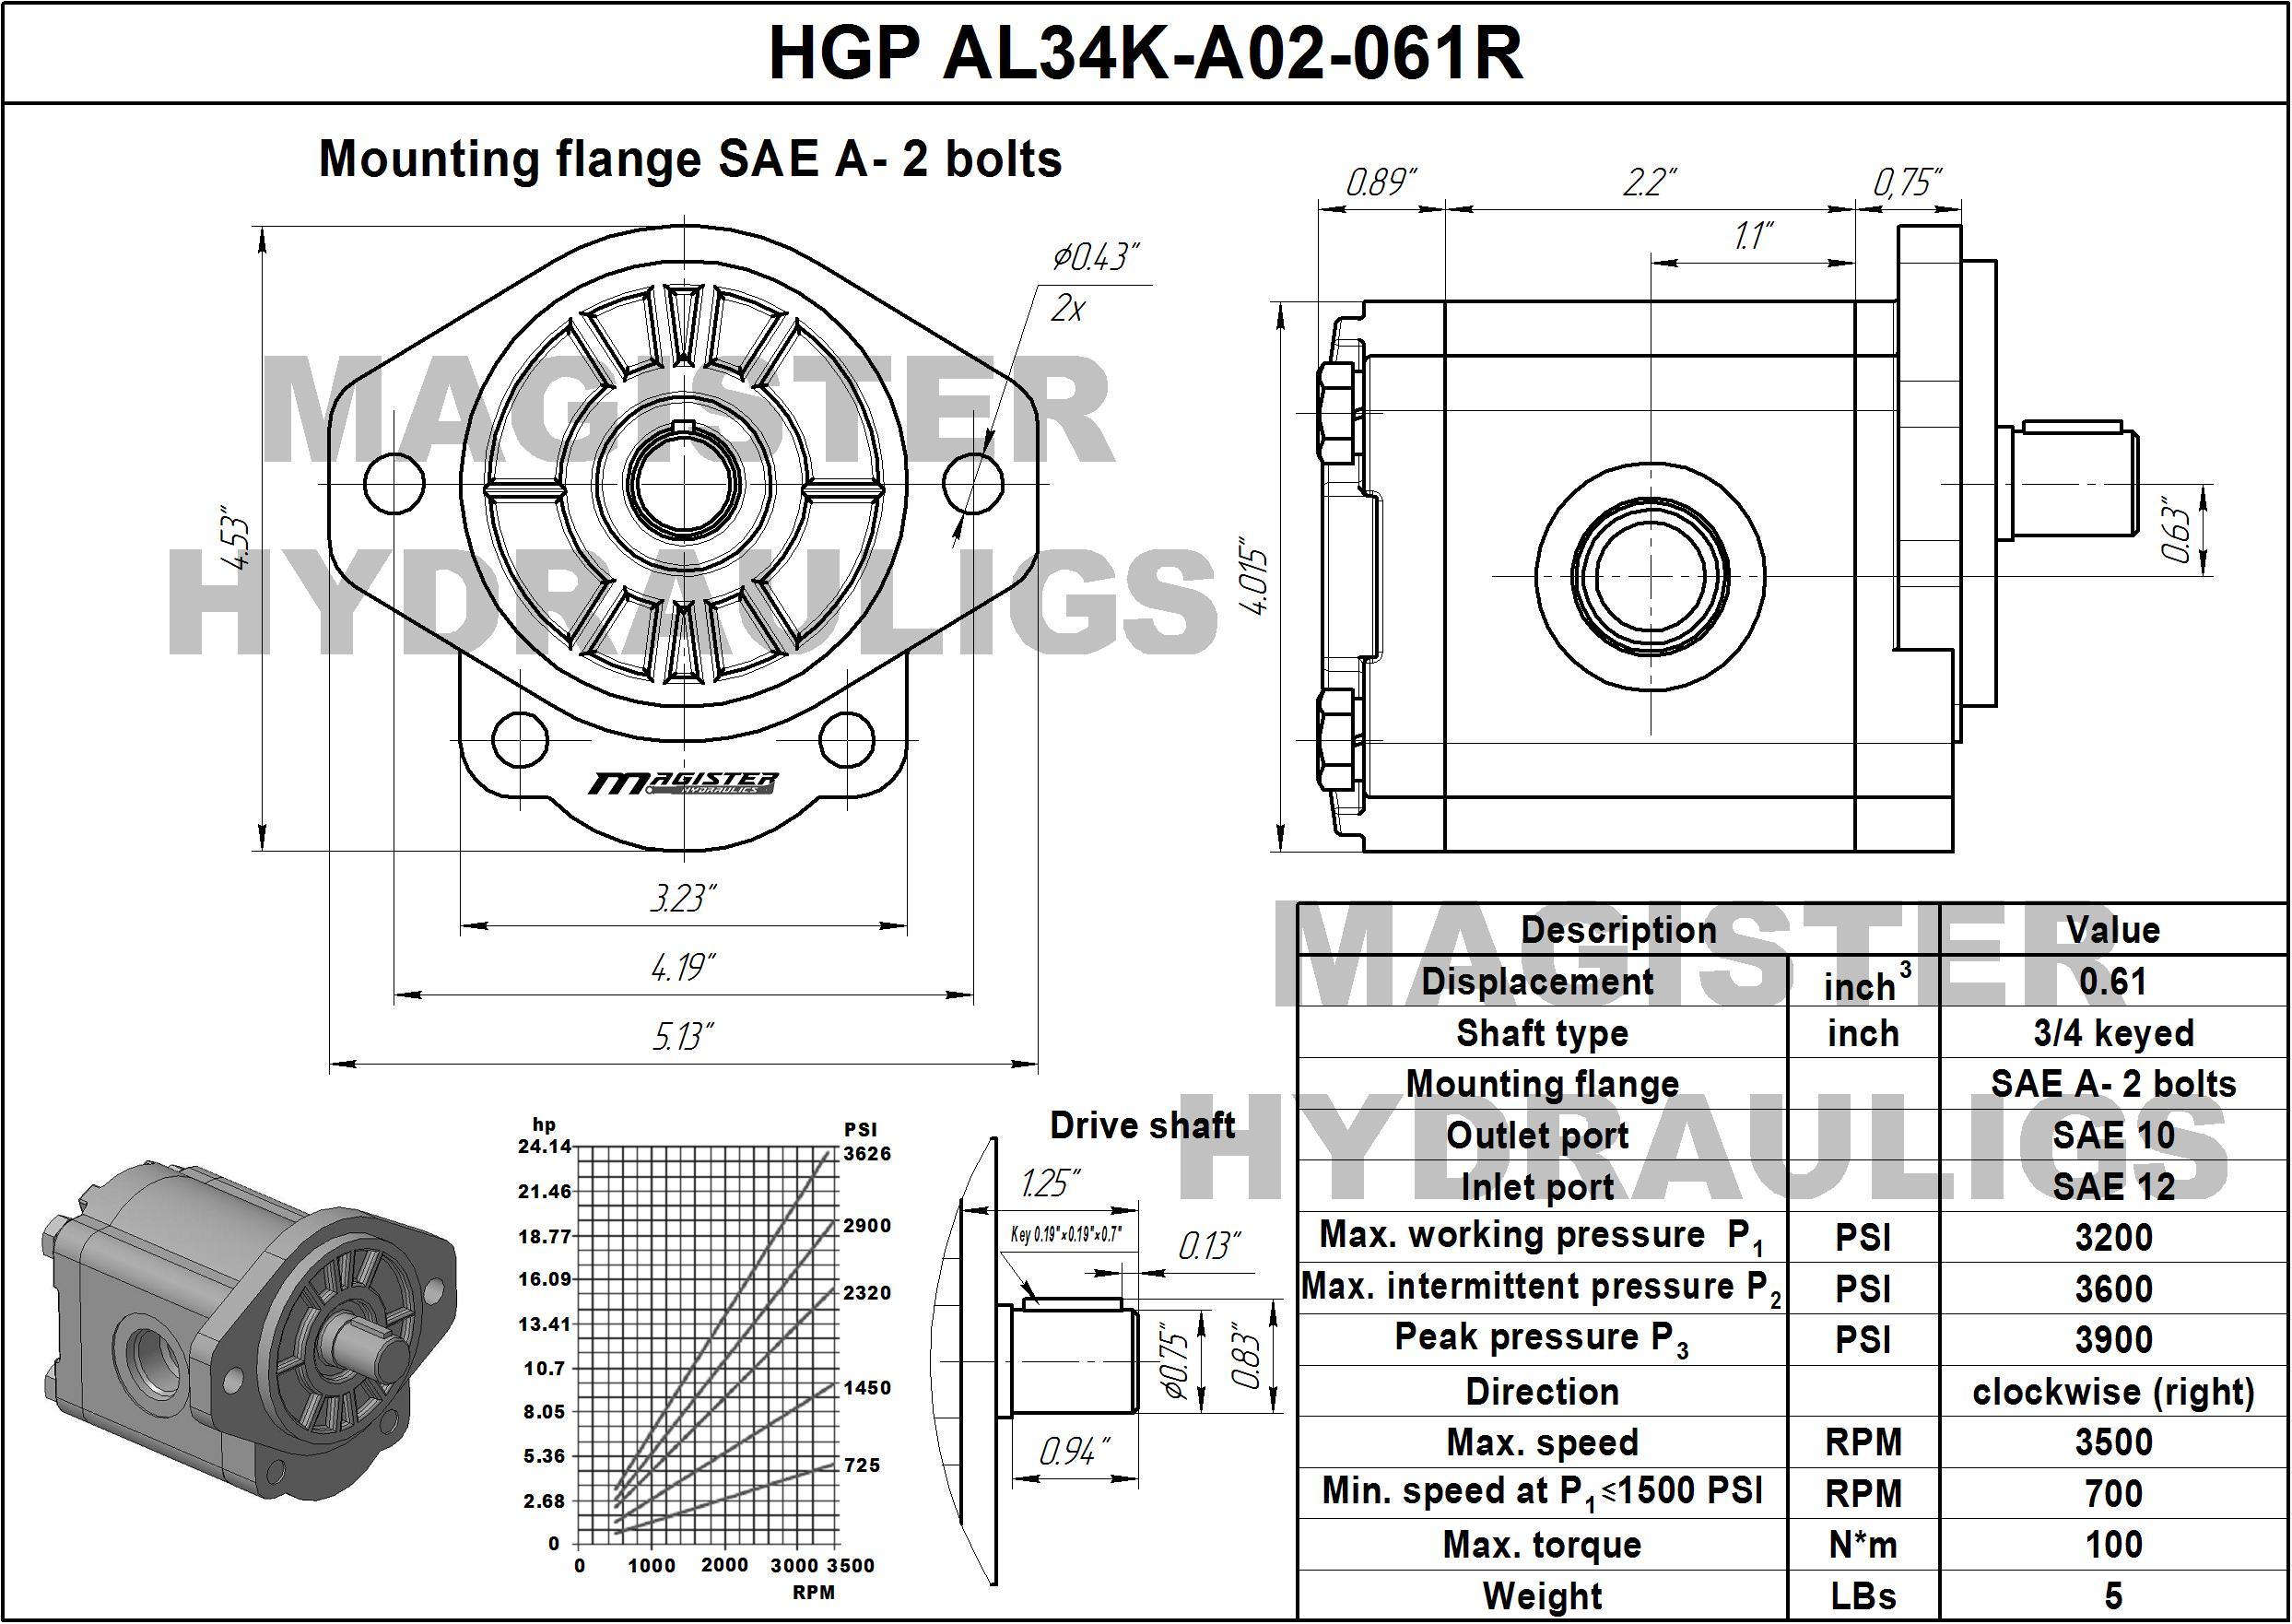 0.61 CID hydraulic gear pump, 3/4 keyed shaft clockwise gear pump | Magister Hydraulics